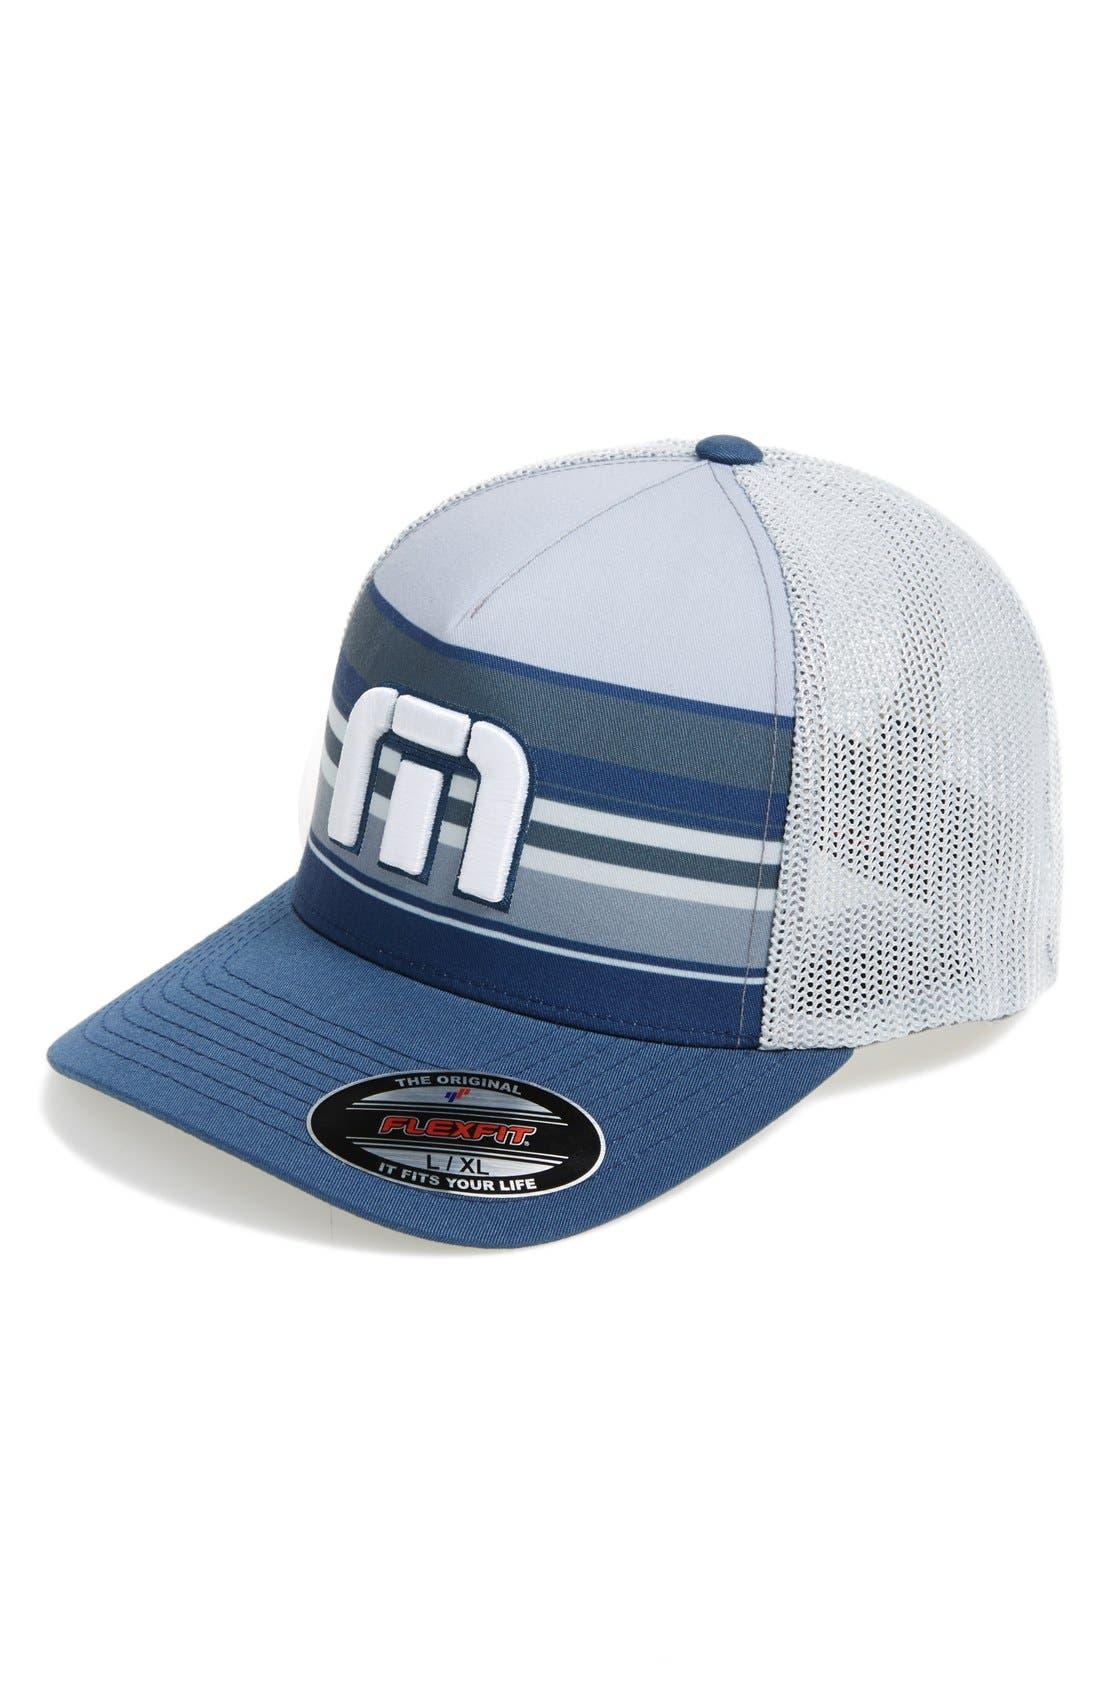 Main Image - Travis Mathew 'Cylinder' Trucker Hat